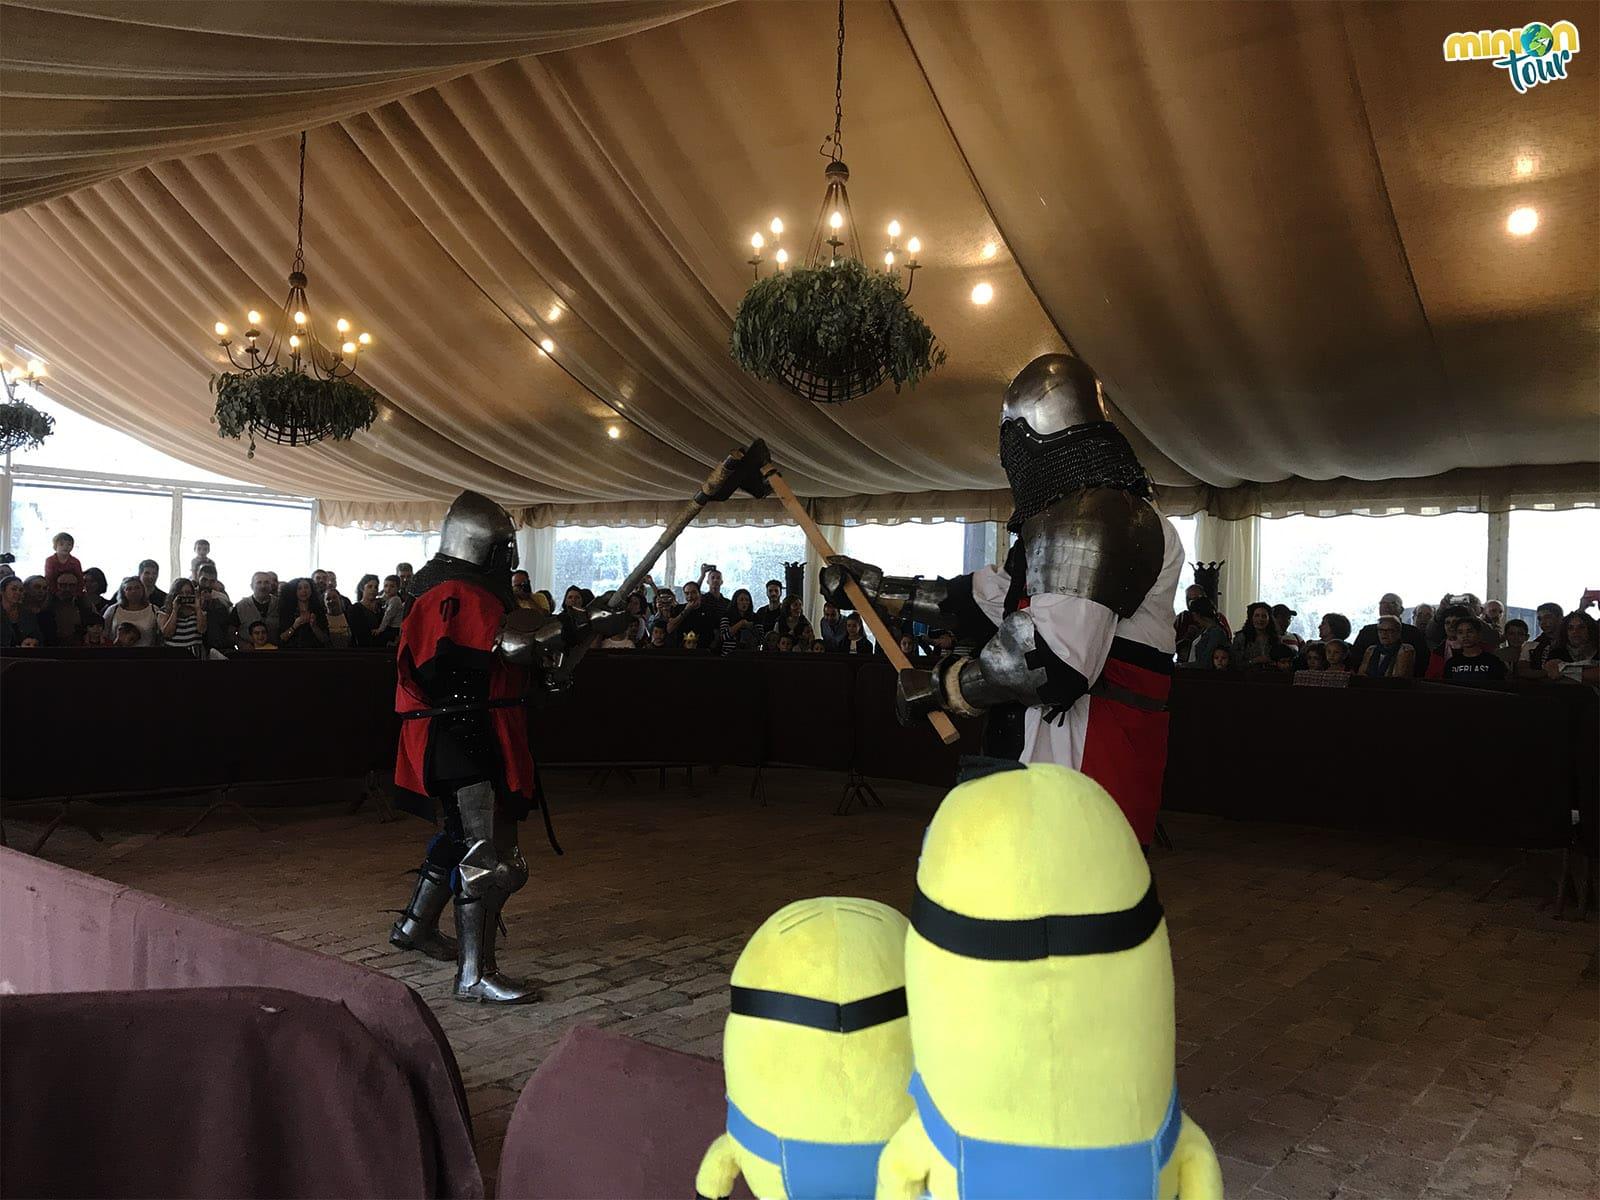 Observando un combate medieval